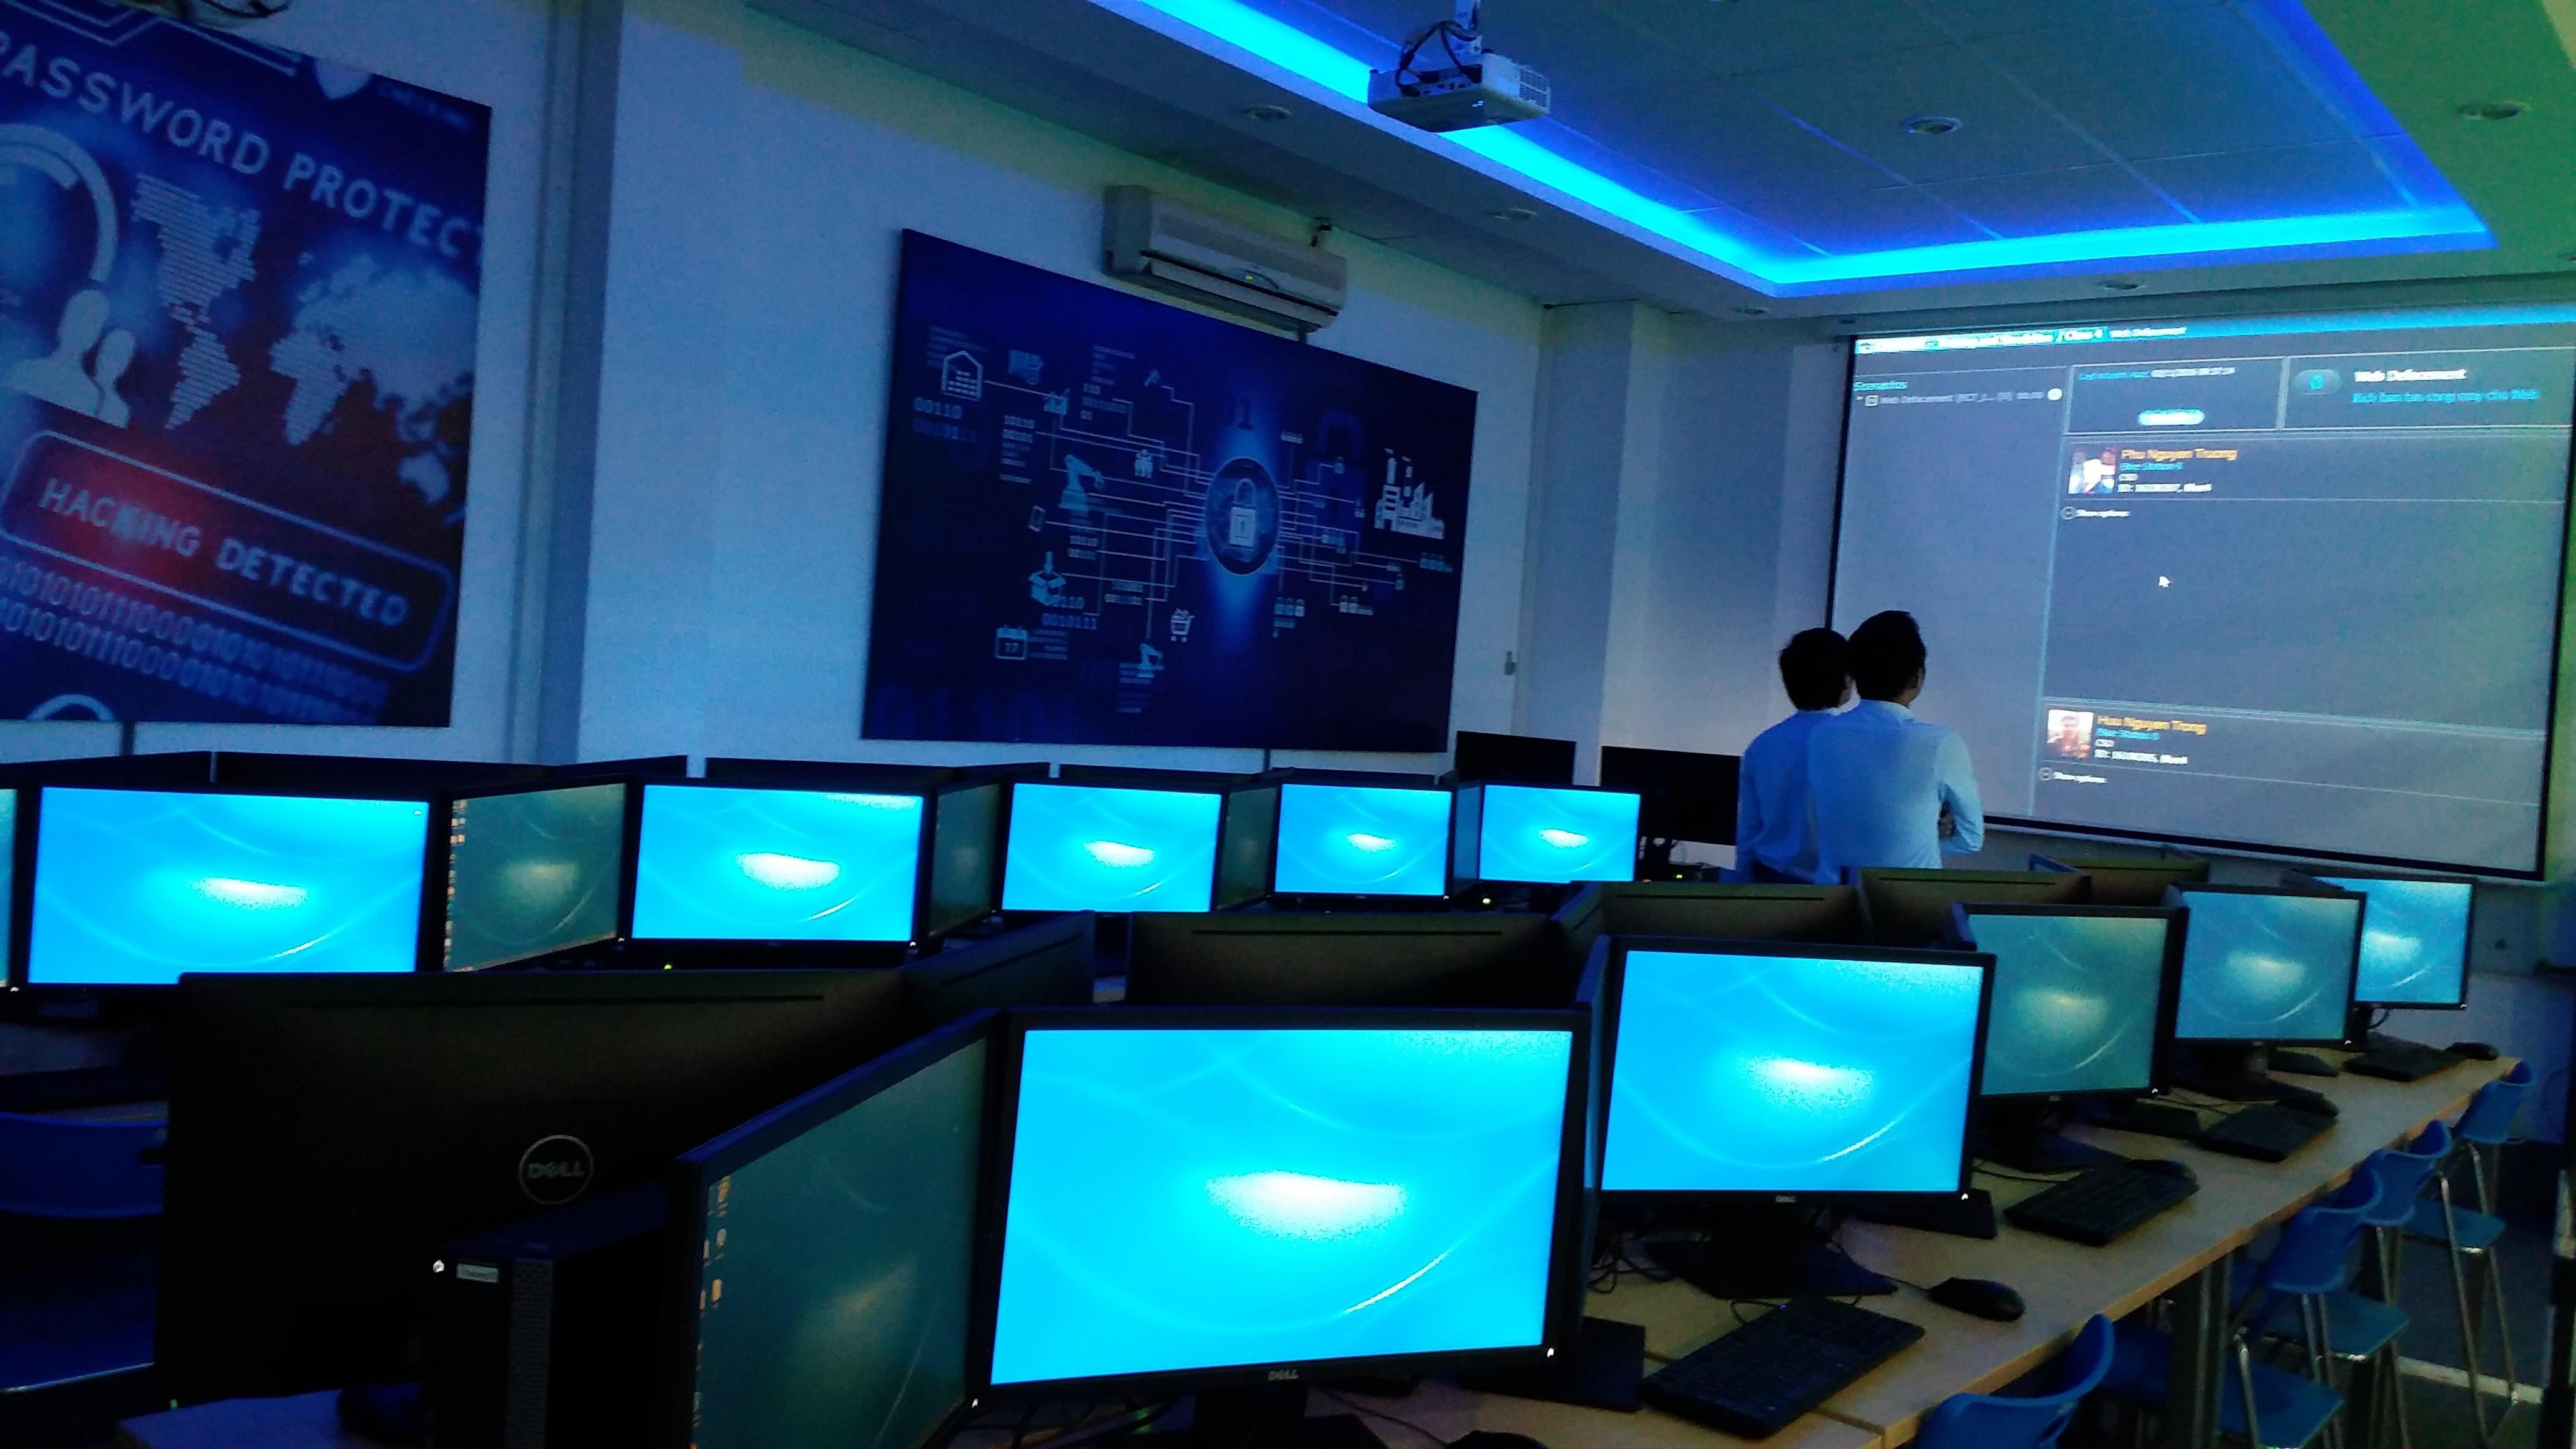 20161103 081440 2 - Ra mắt thao trường mạng đào tạo chuyên sâu ANM tại Việt Nam